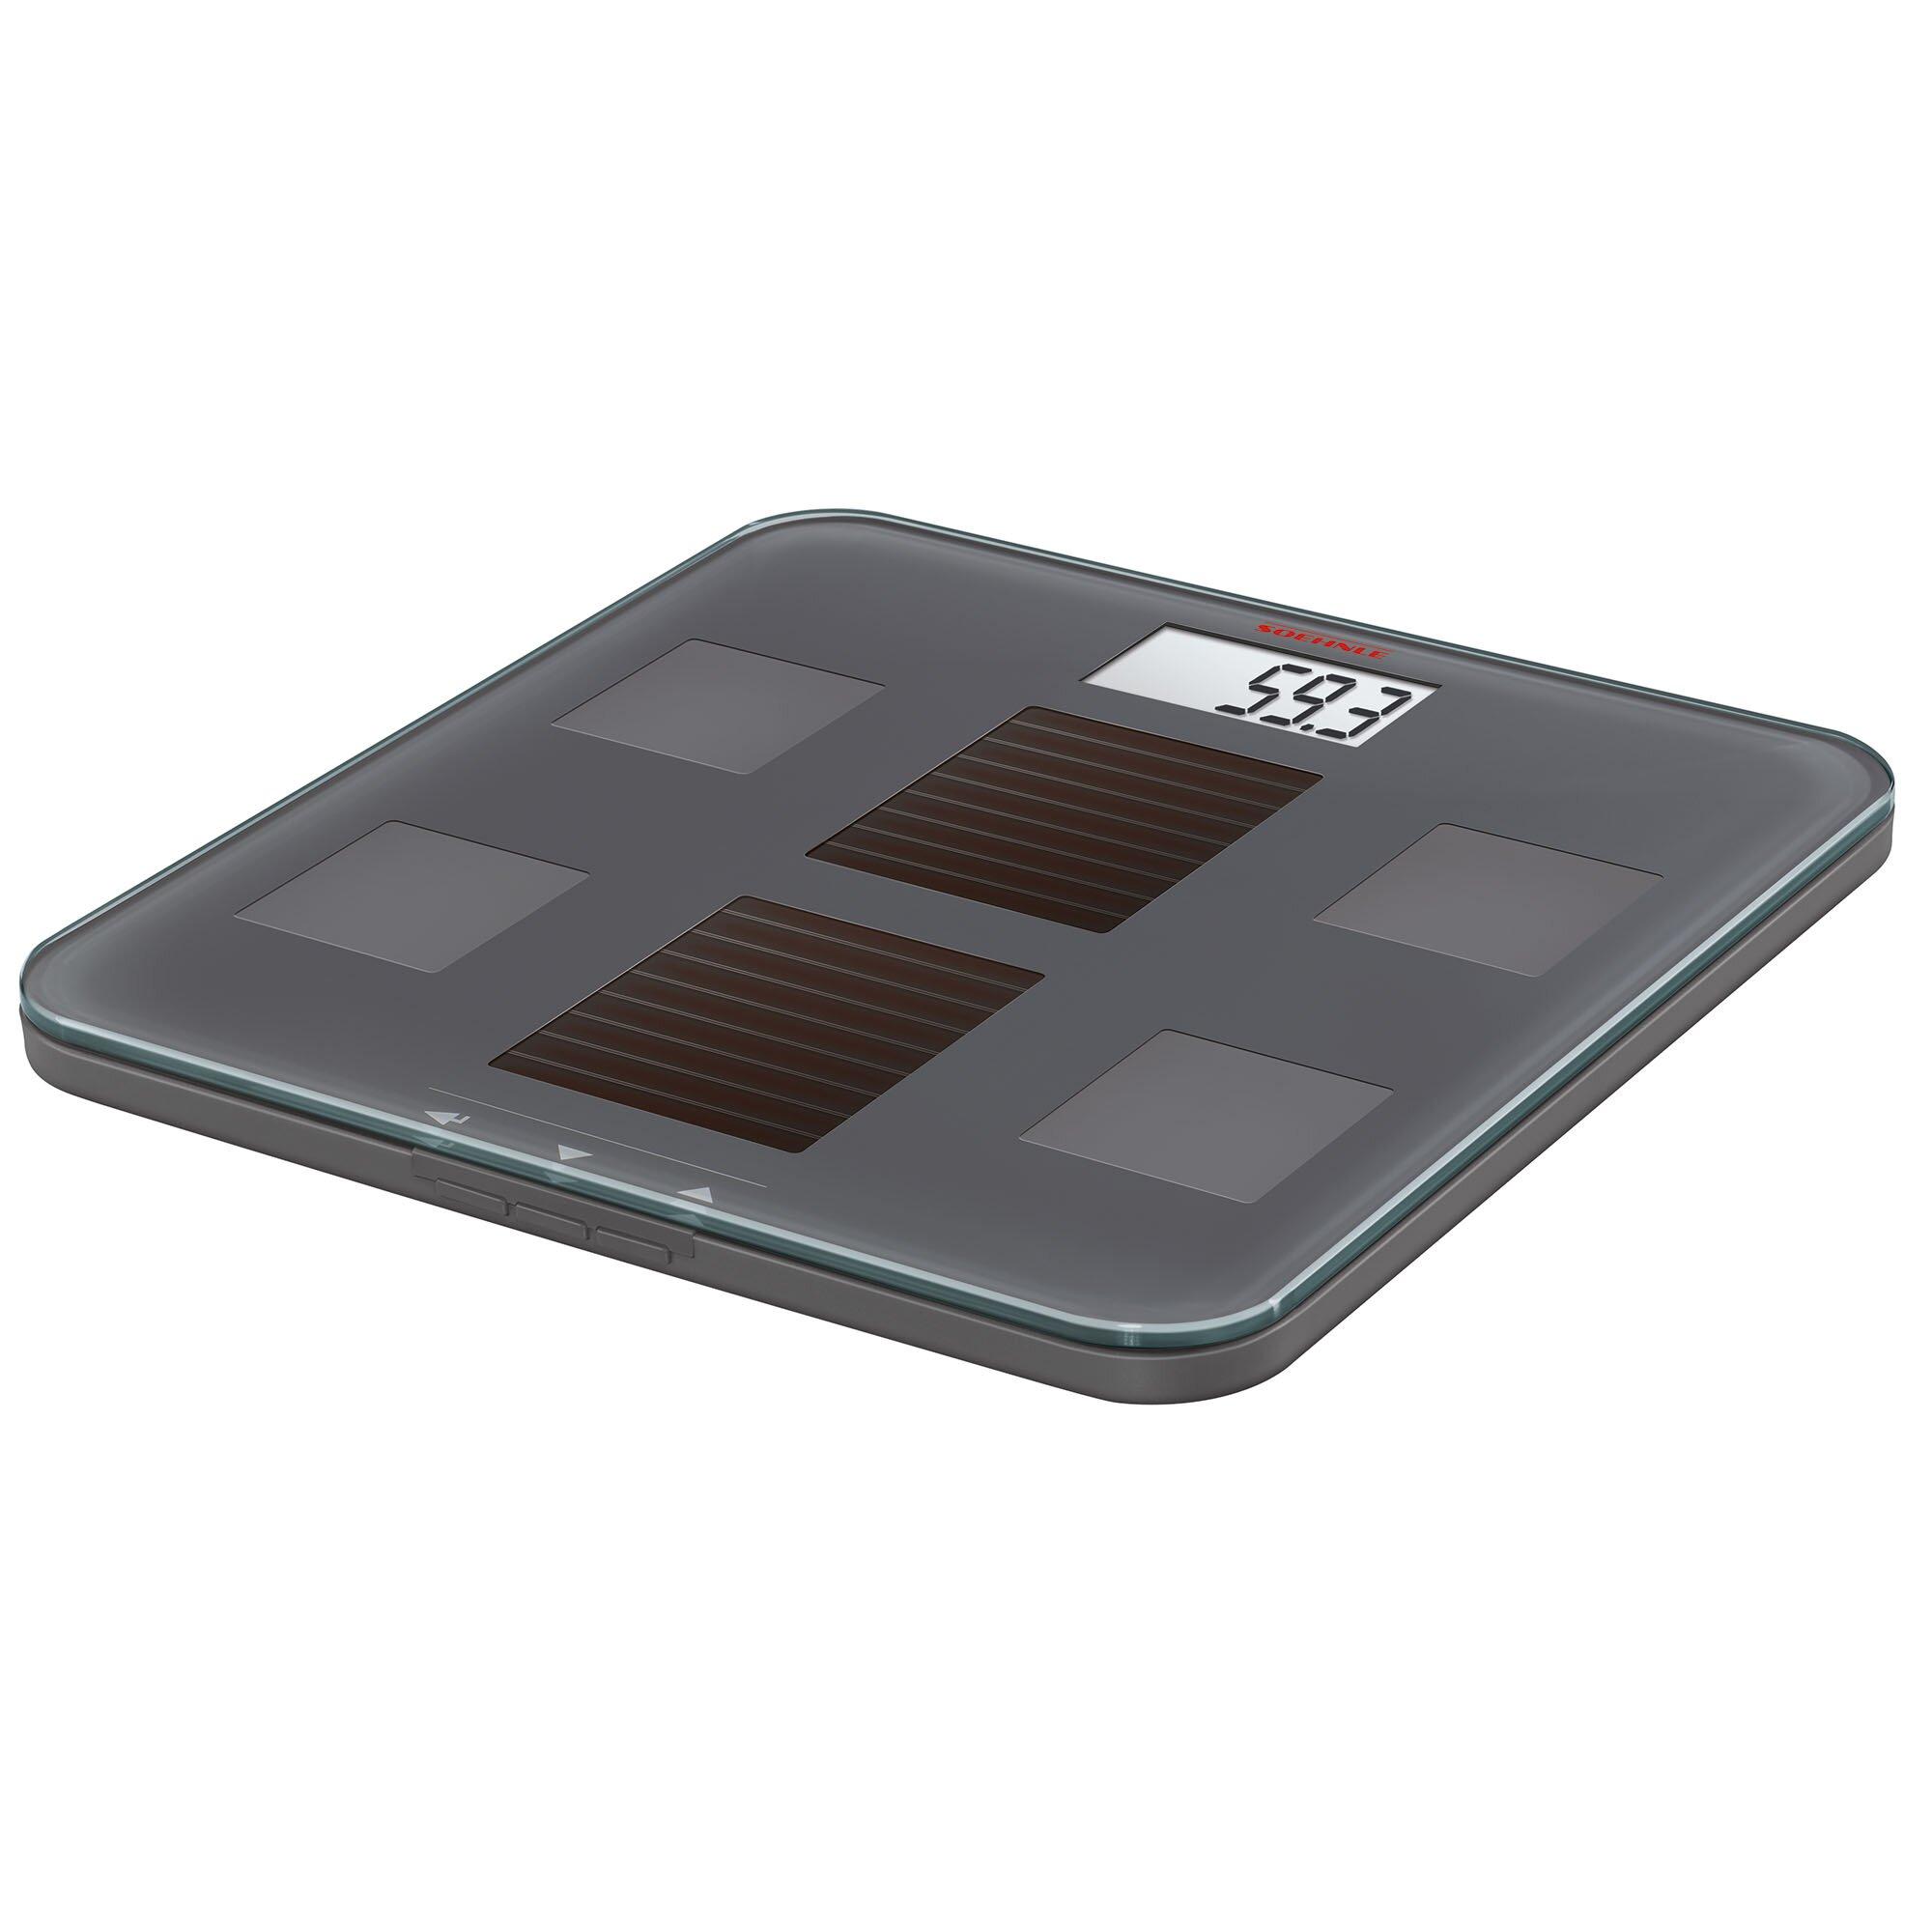 soehnle solar fit body precision digital analysis bmi bathroom